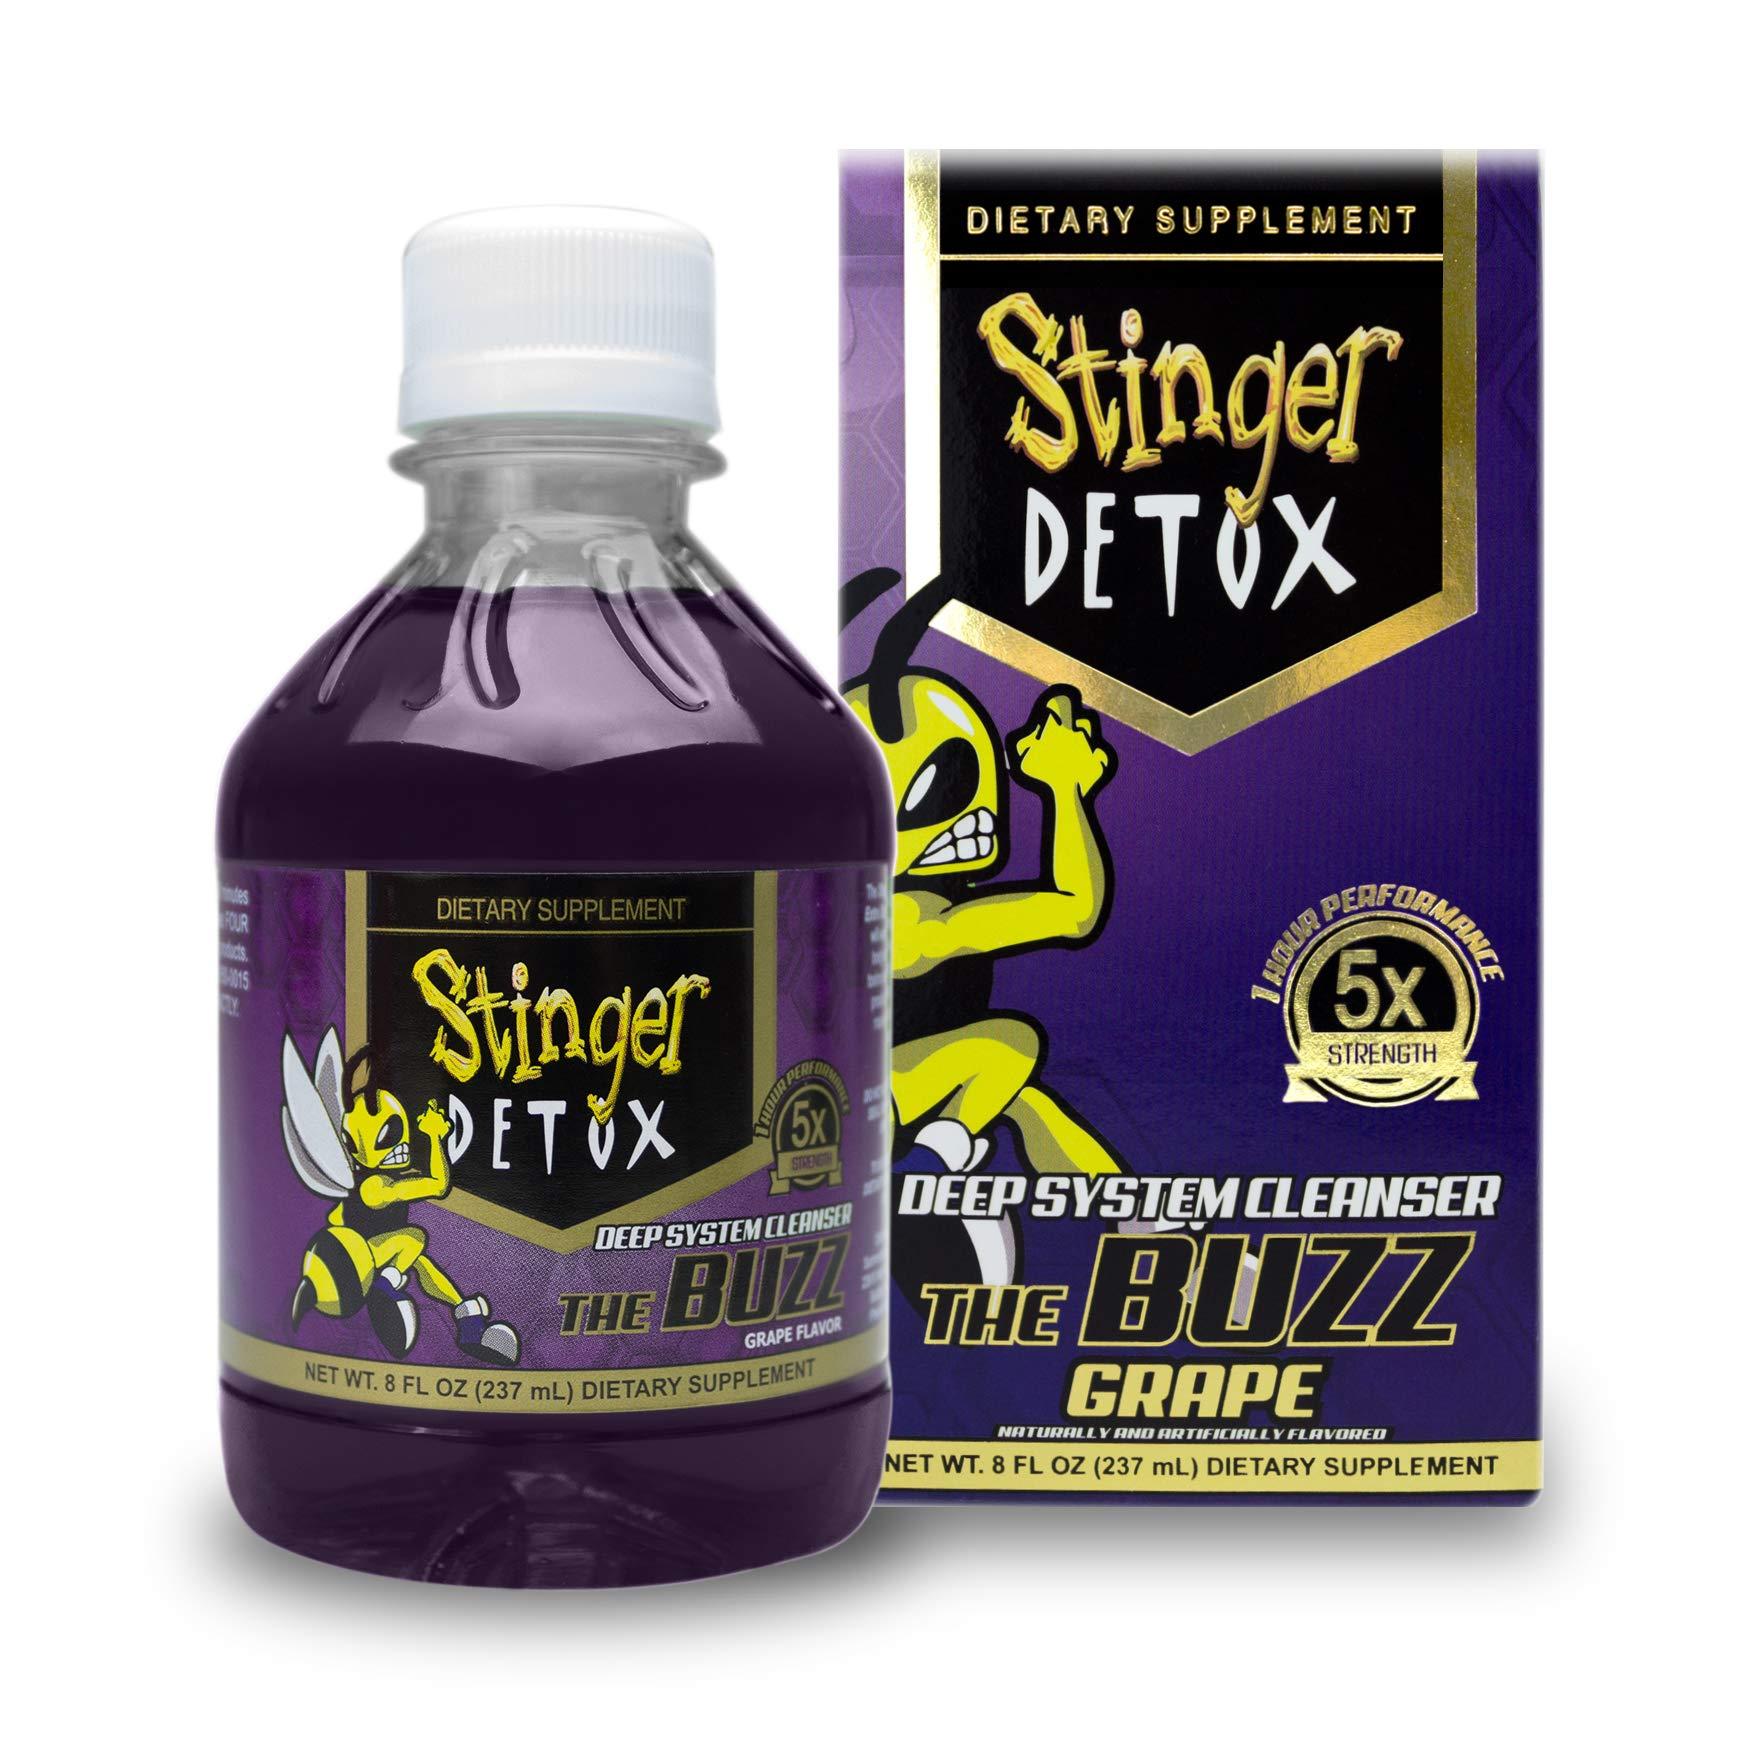 Stinger Detox Buzz Strength Grape